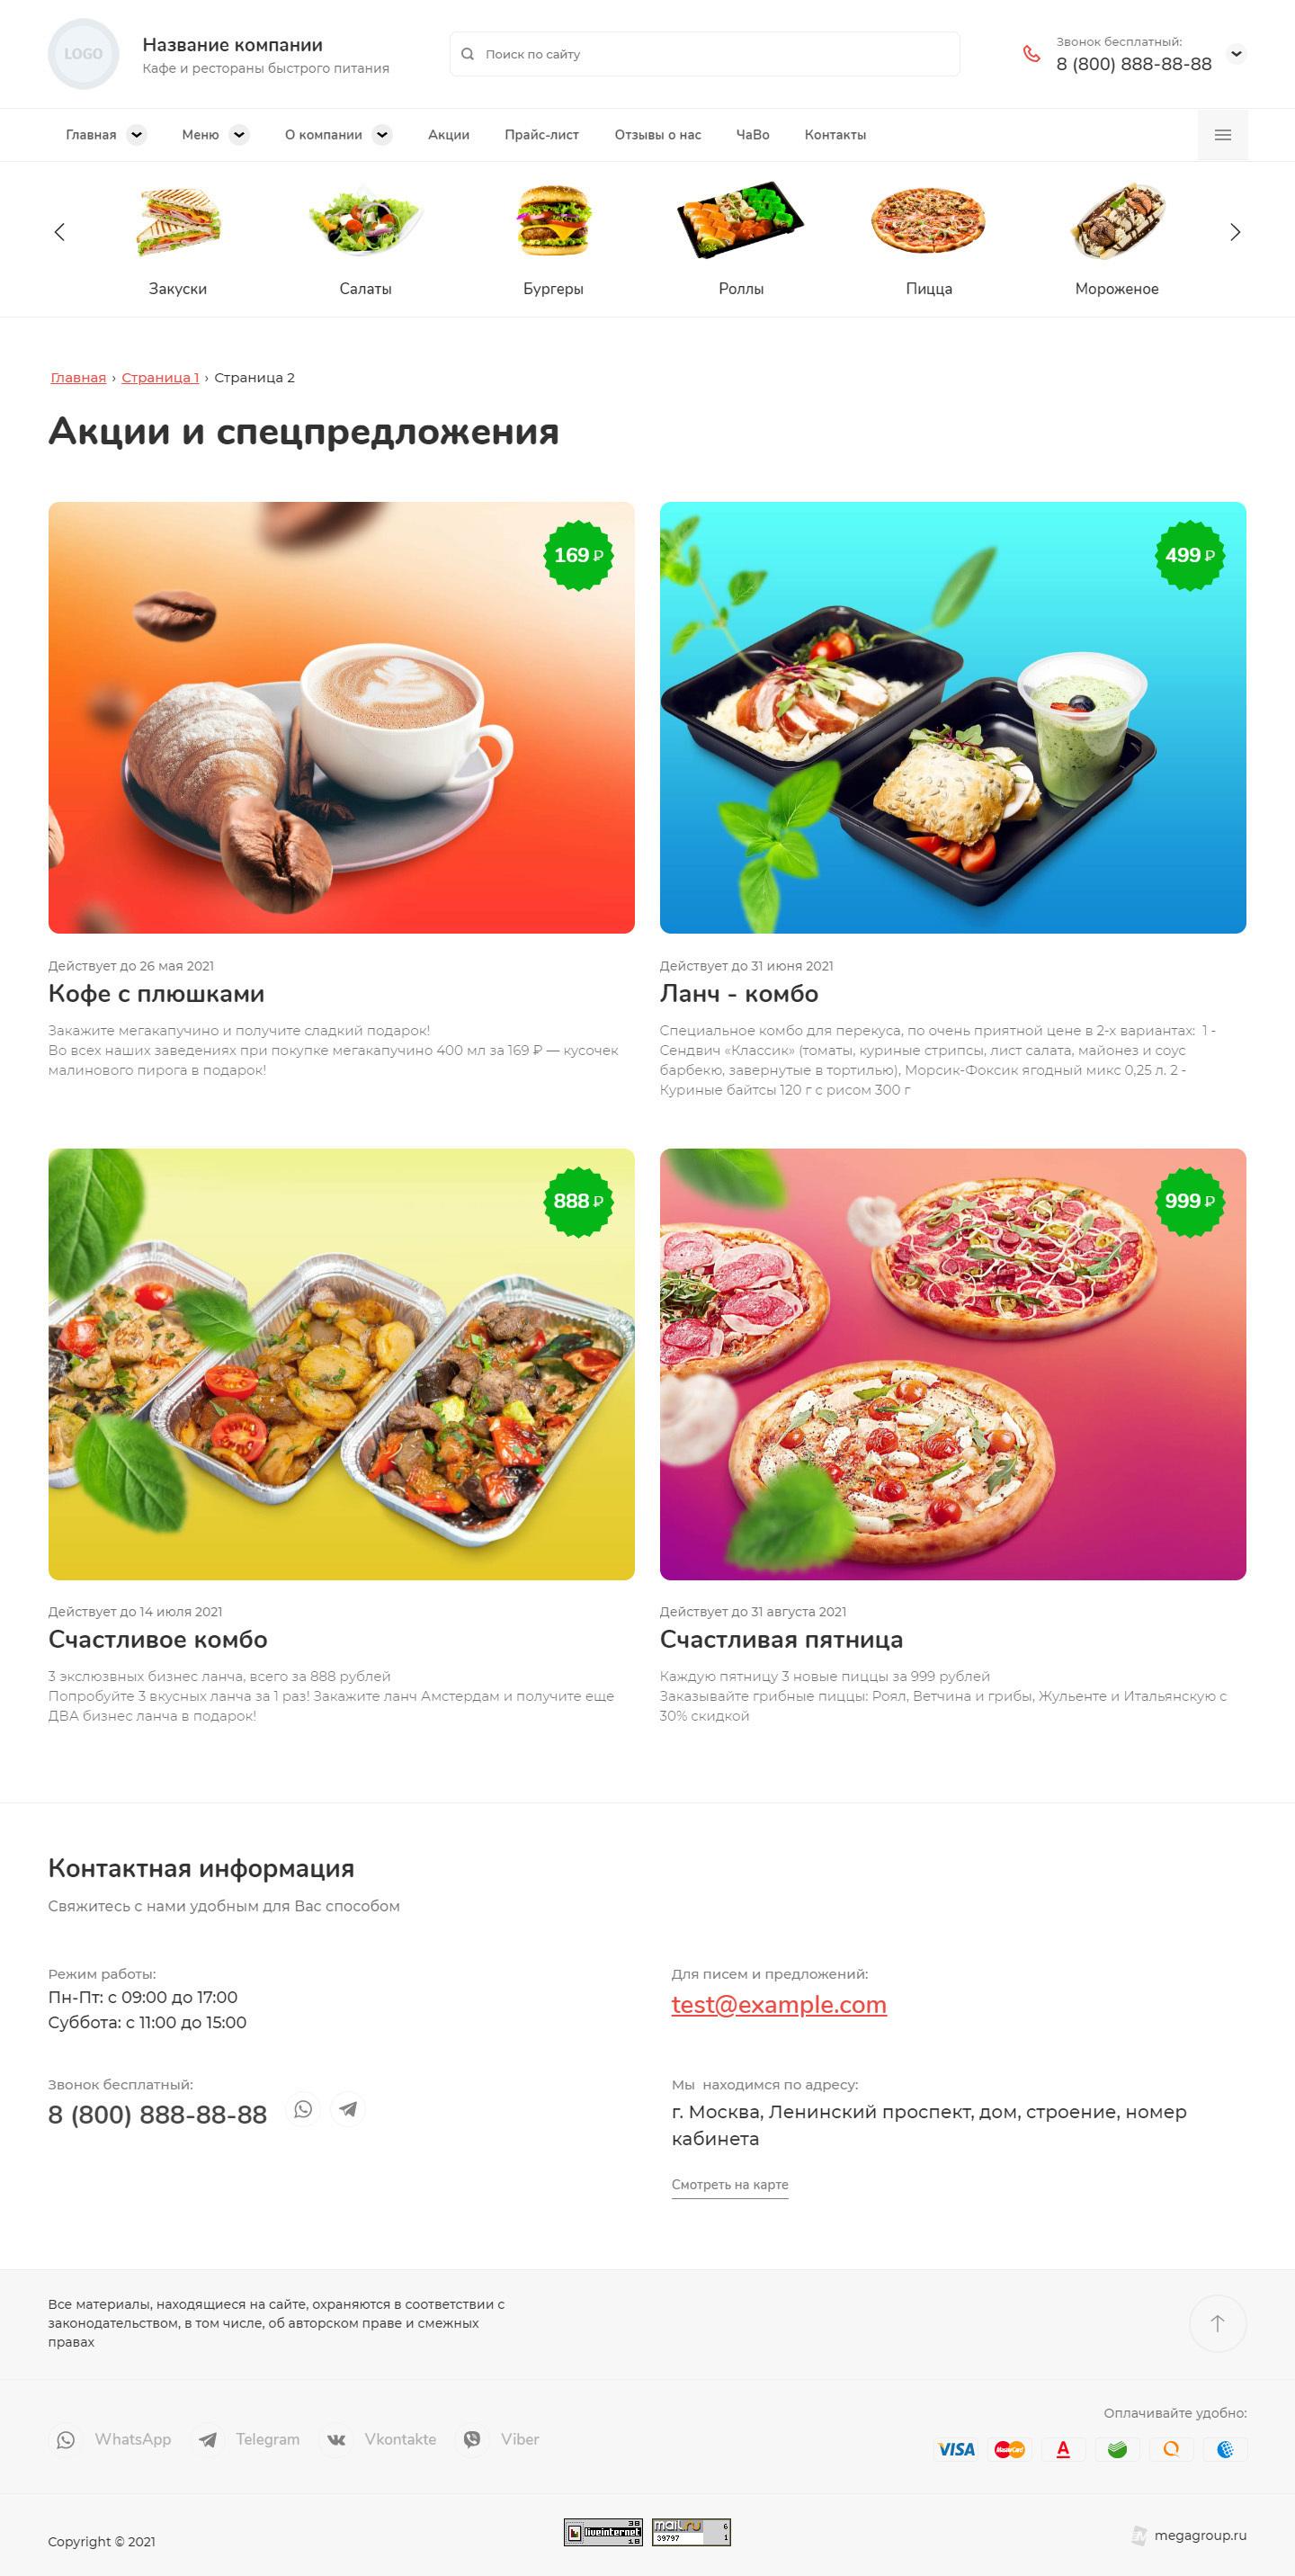 Готовый Сайт-Бизнес #3044862 - Кафе и рестораны быстрого питания (Акции и спецпредложения)